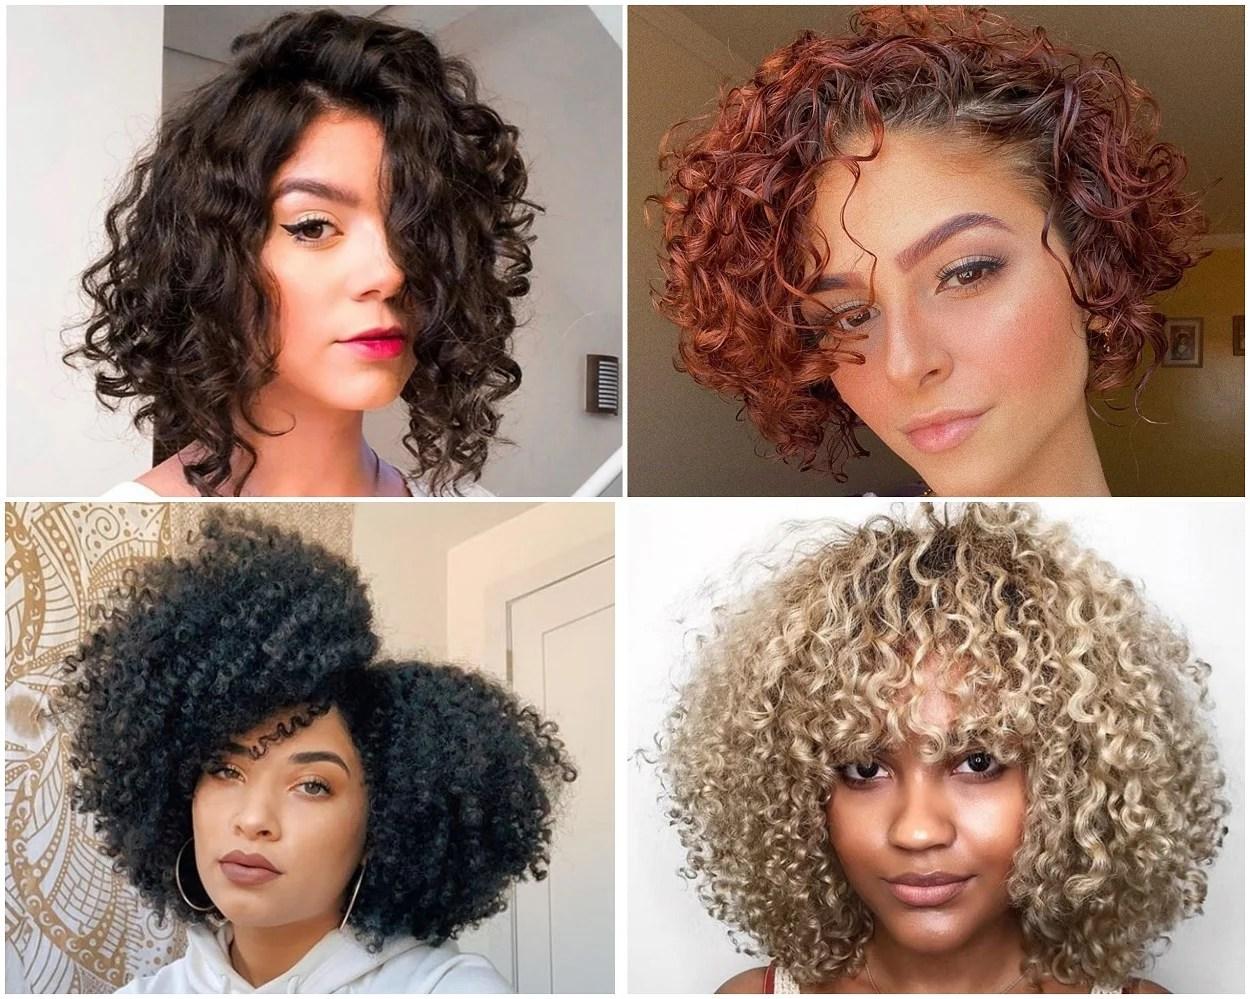 quatro imagens de mulheres com cabelo cacheado curto